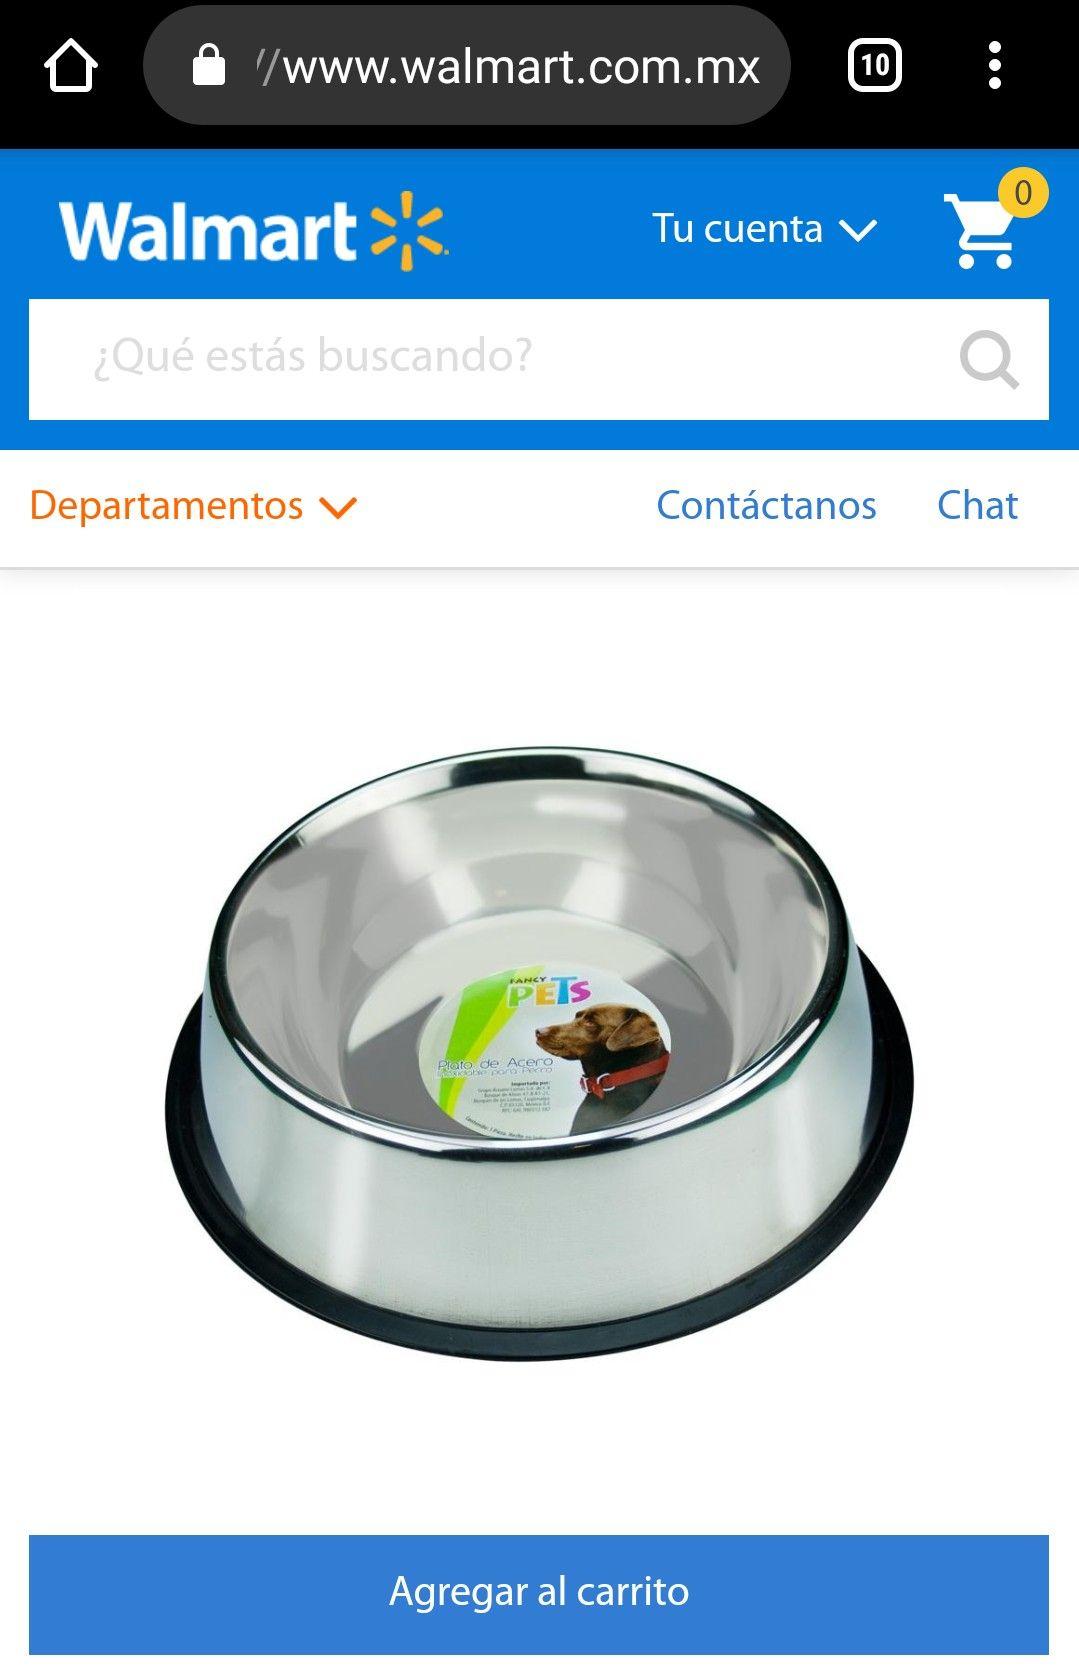 Walmart en línea: Plato para Perro de Acero Inoxidable de 96 onzas (extra grande) con Envío Gratis